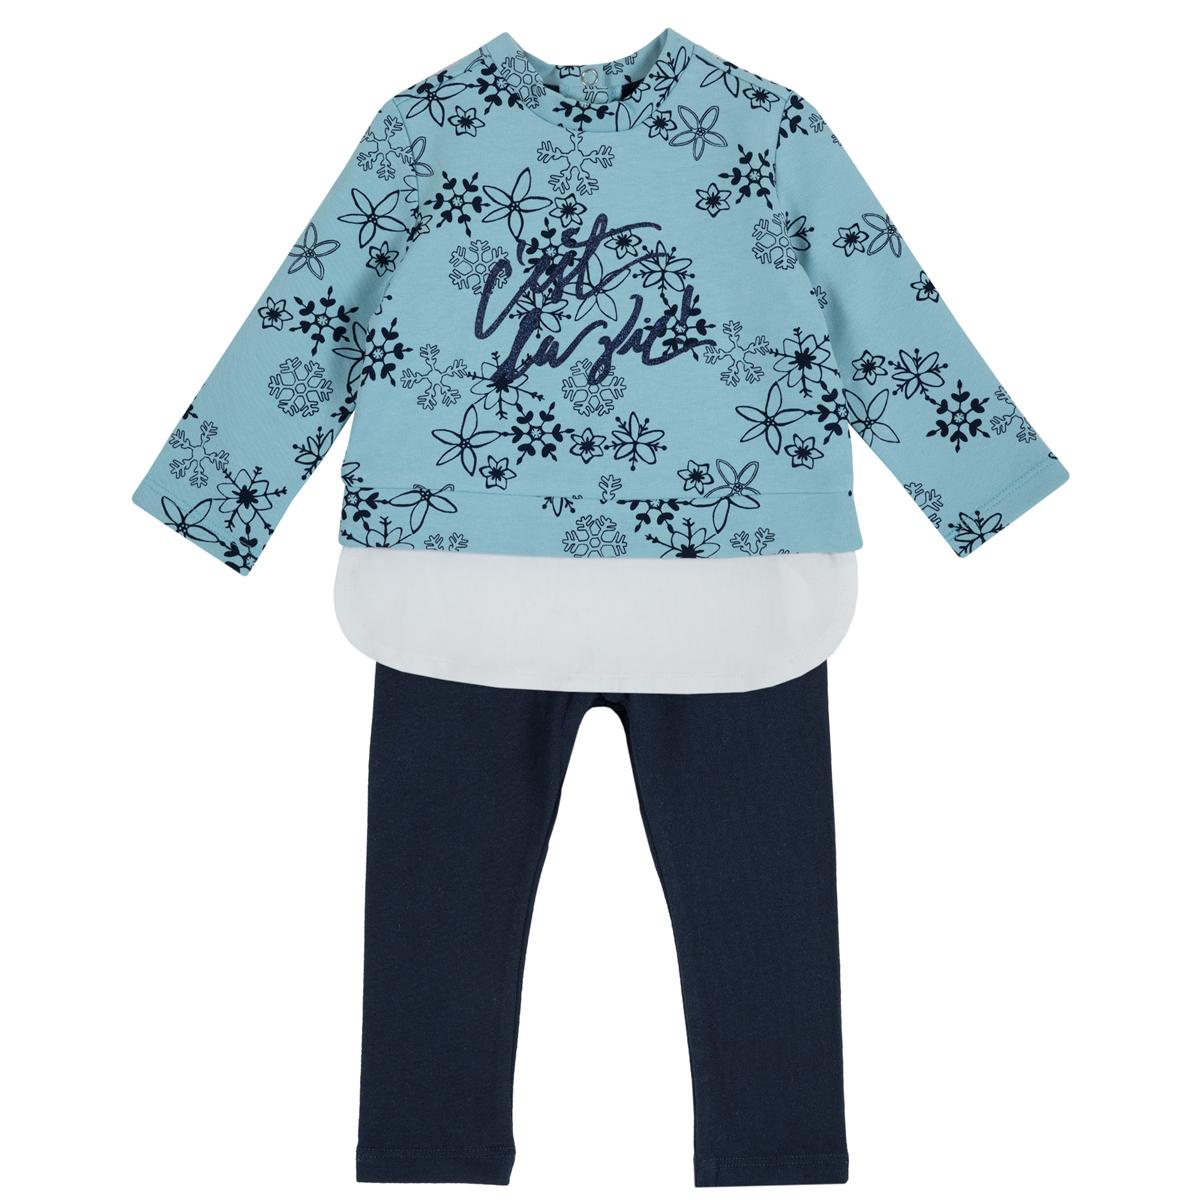 Costumas fetite Chicco, tricou maneca lunga si colanti, 76339 din categoria Set doua piese